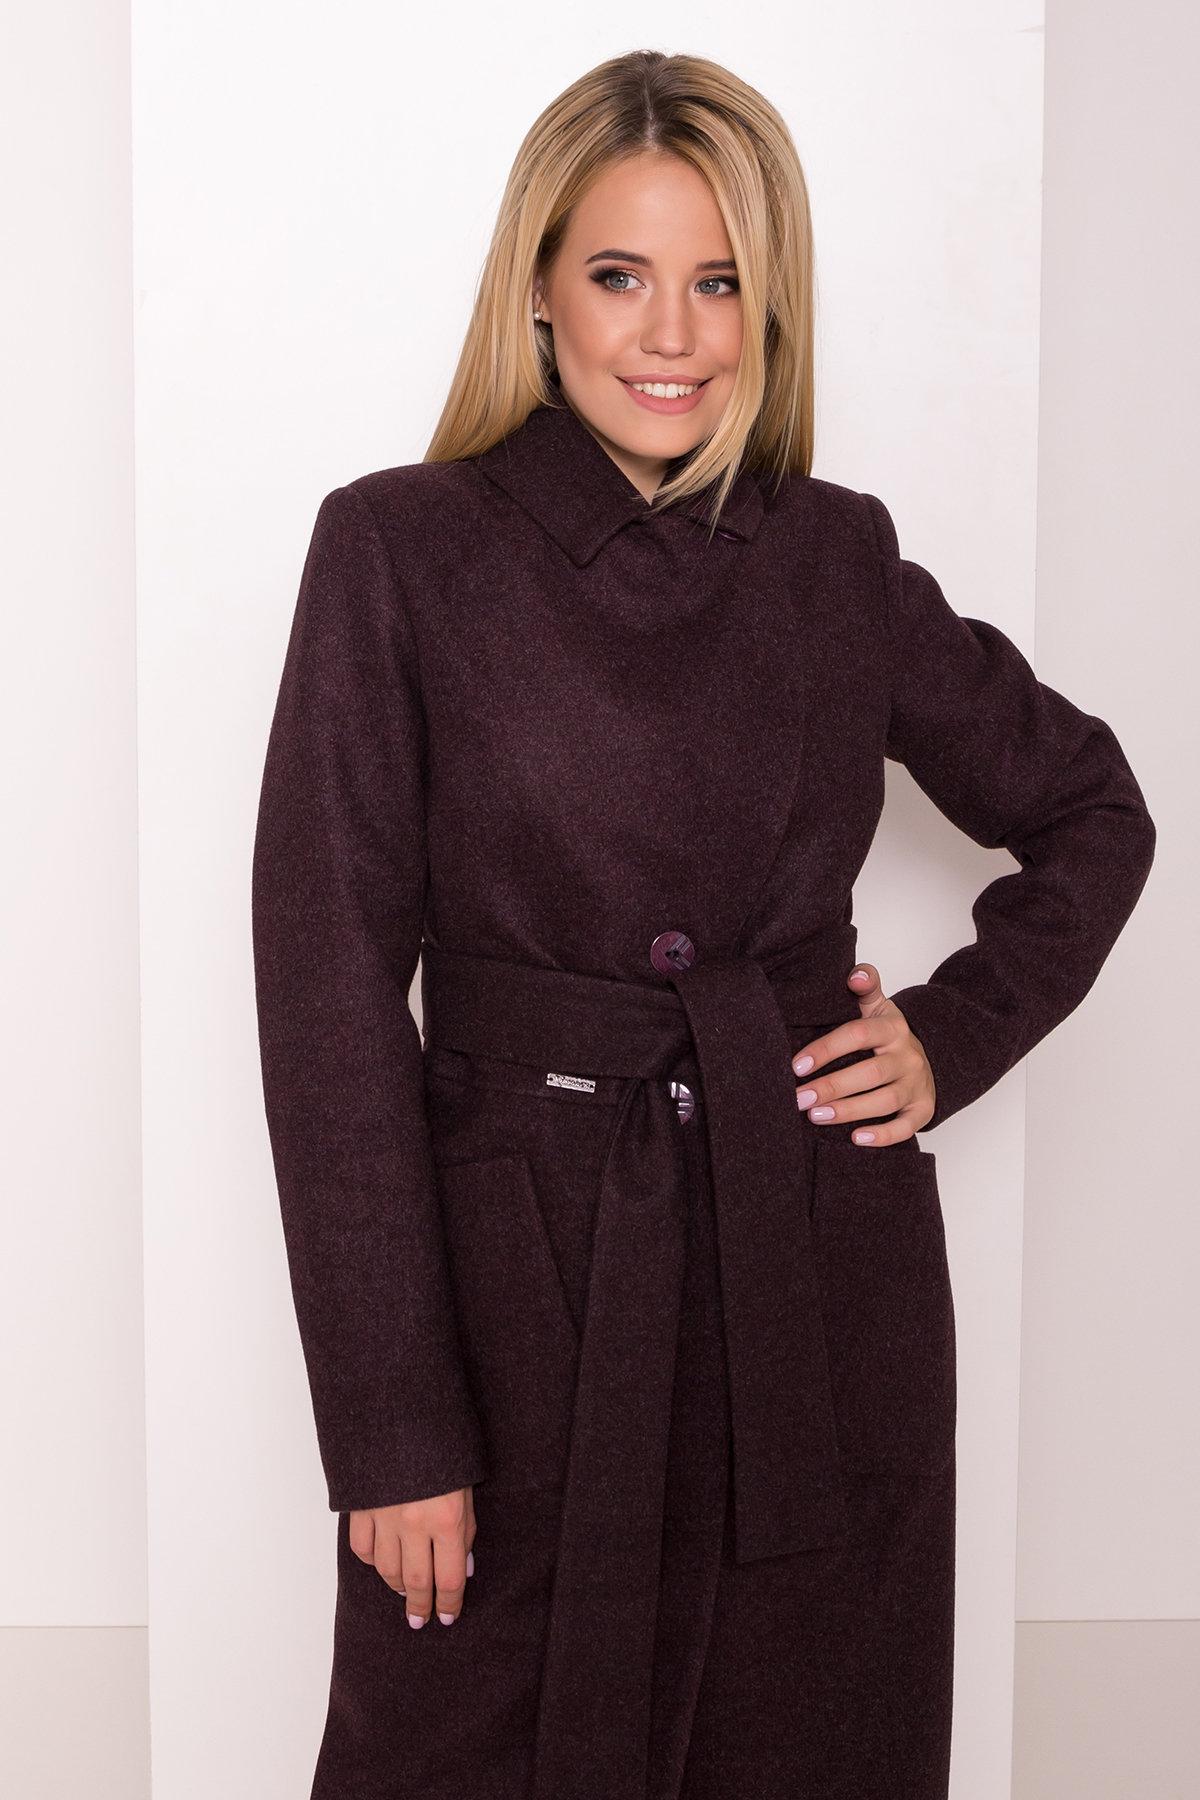 Классическое пальто Габриэлла 7872 АРТ. 43798 Цвет: Марсала 5 - фото 5, интернет магазин tm-modus.ru